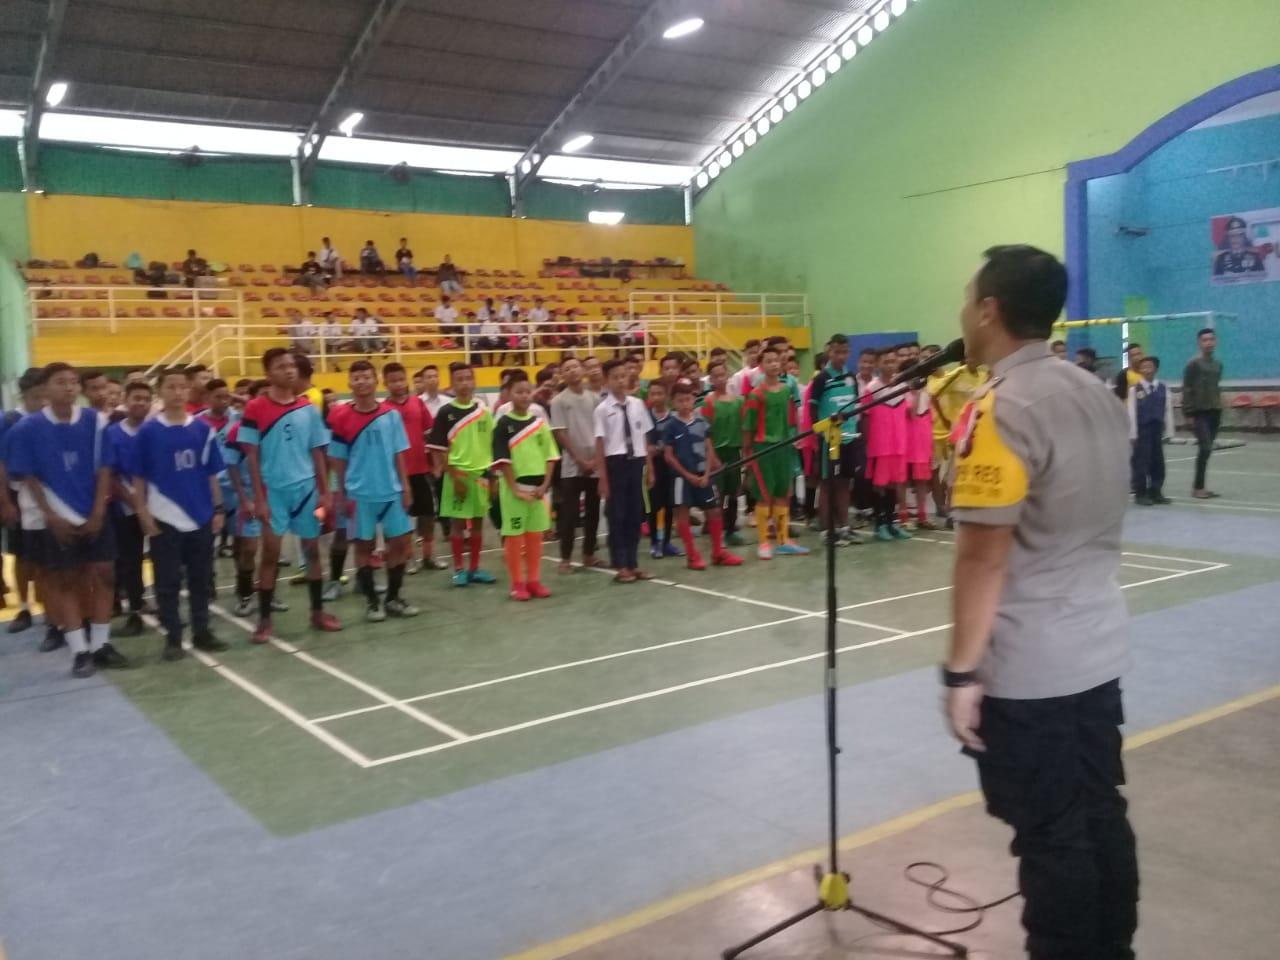 Pembukaan ditandai dengan tendangan pertama oleh Kapolres Binjai AKBP Nugroho Tri Nuryanto